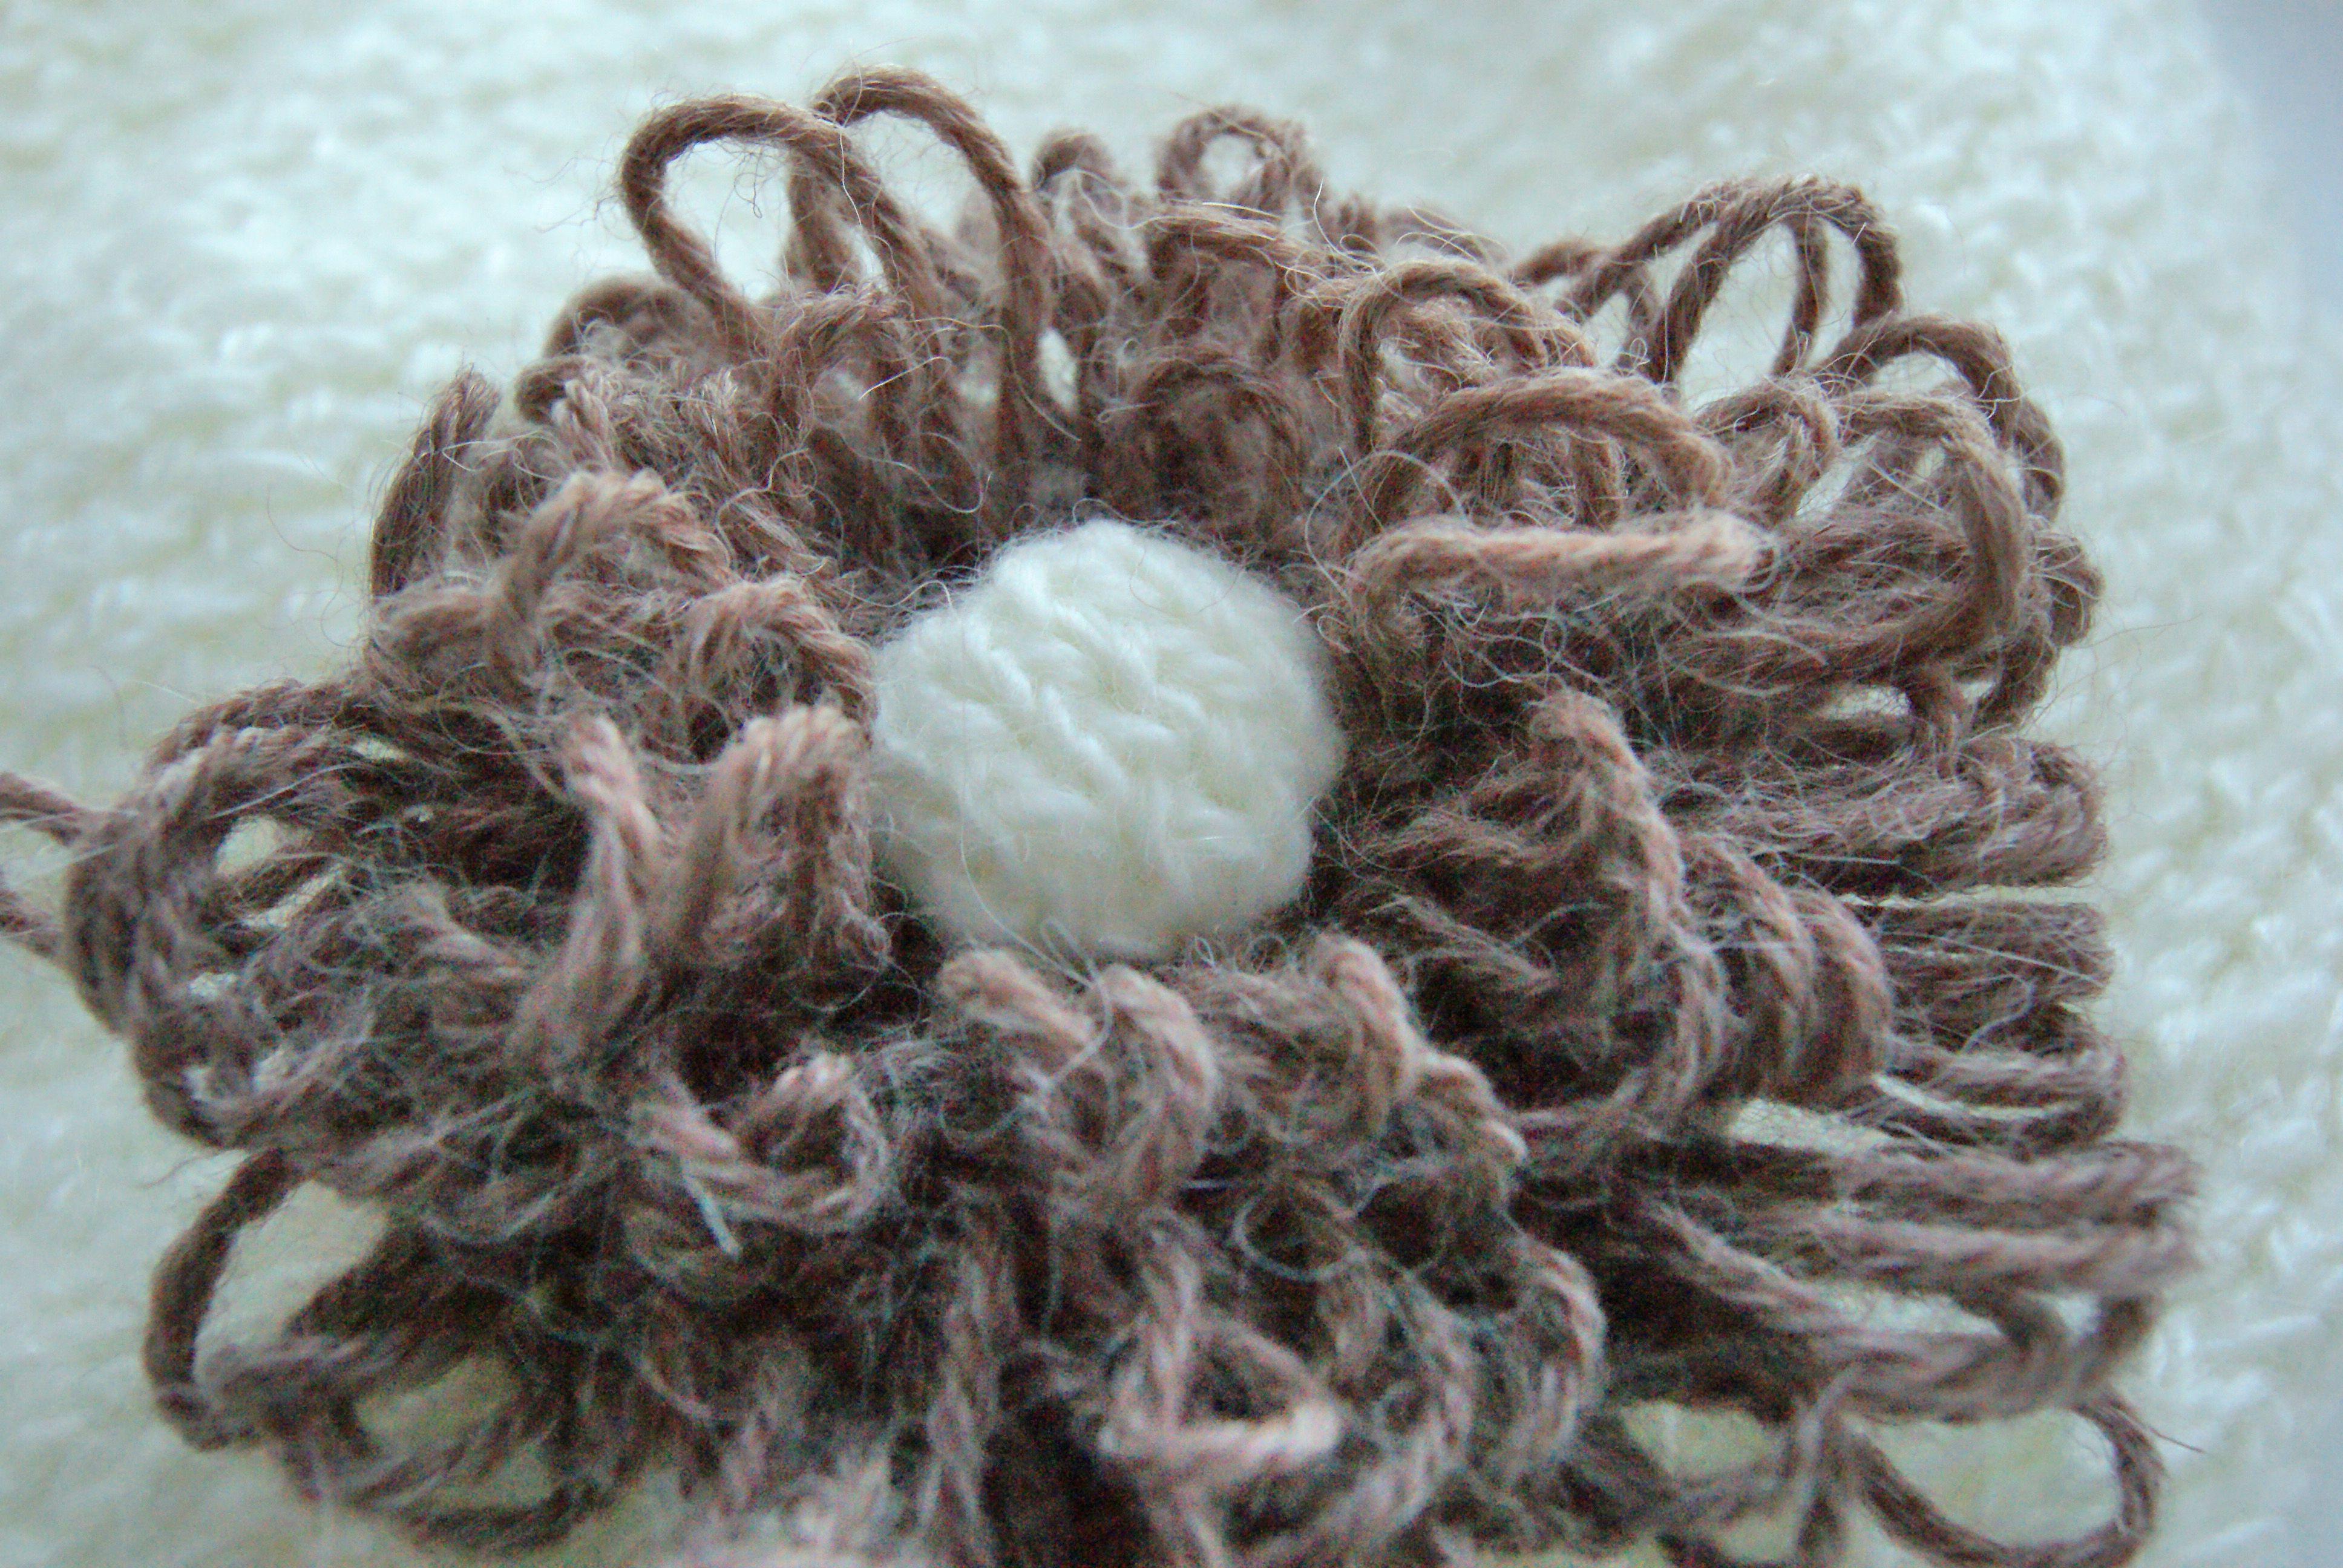 девочкам детскаяшапка вязанаяшапка женскаяшапка женщинам дляженщин уют цветок длядевочек тепло шапка вязание вяжуназаказ вяжутнетолькобабушки вязаниеназаказ